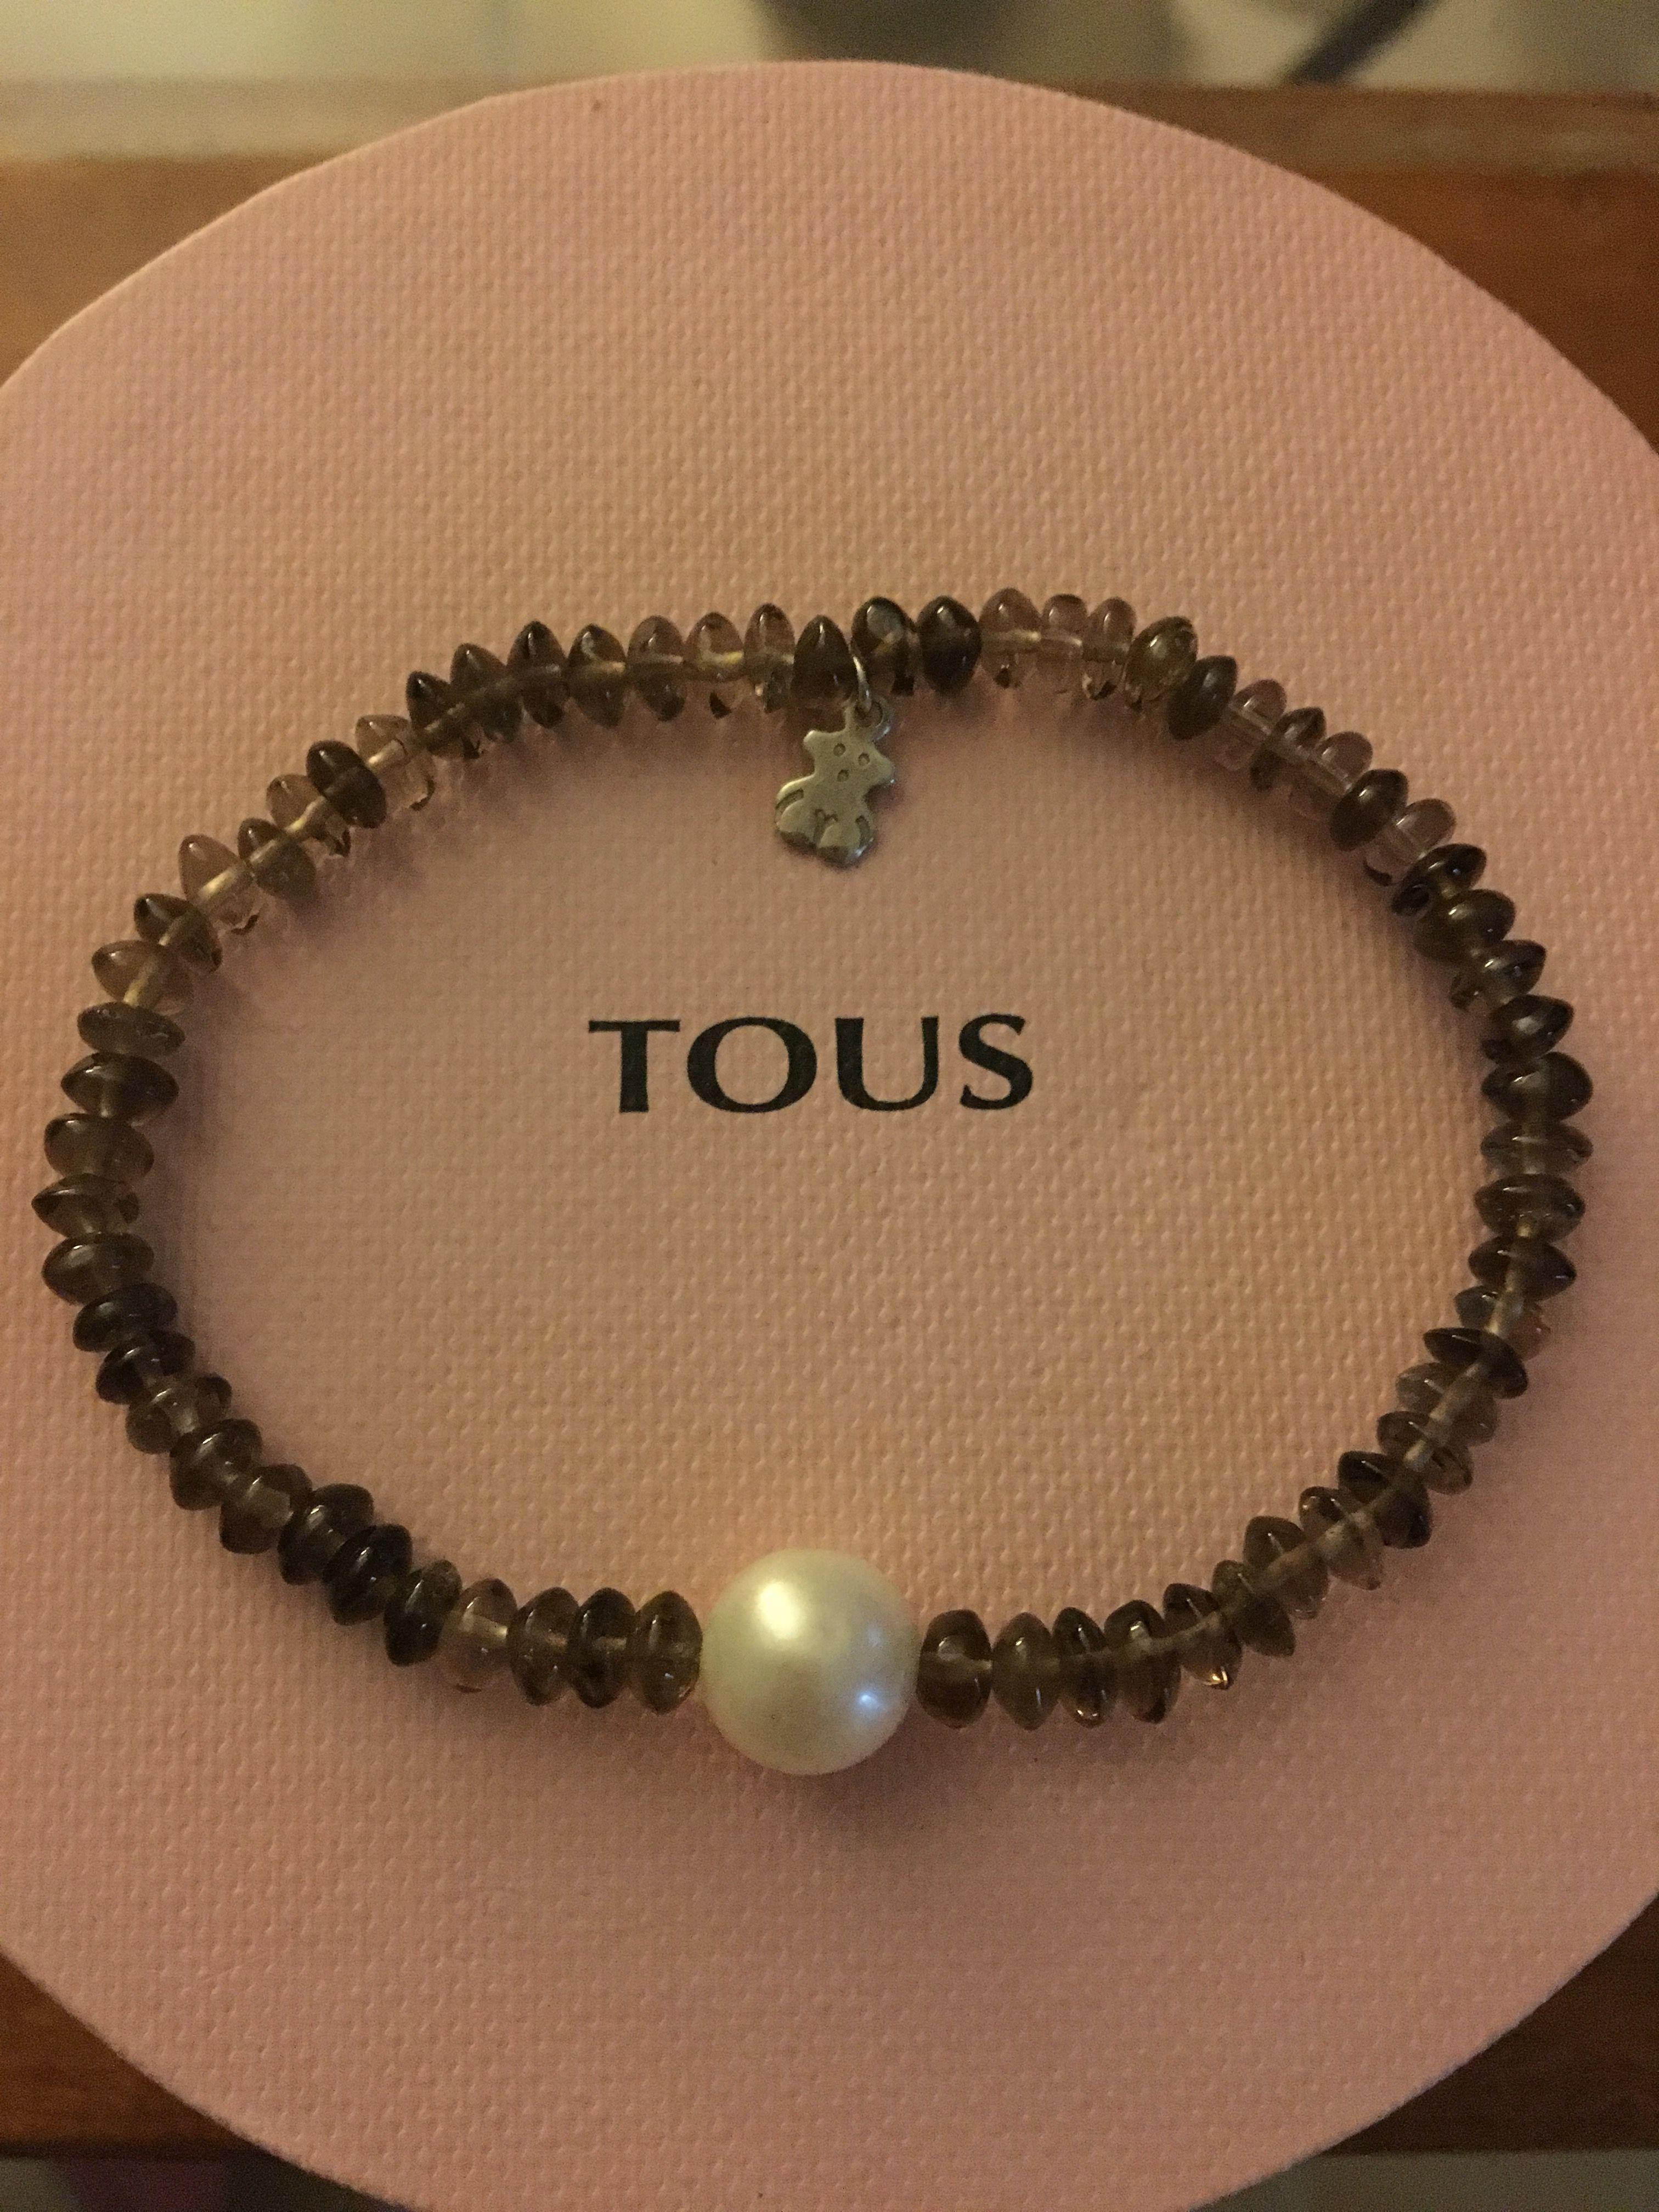 df9893ed6f42 Pulsera elástica Tous de cuarzo ahumado con perla cultivada